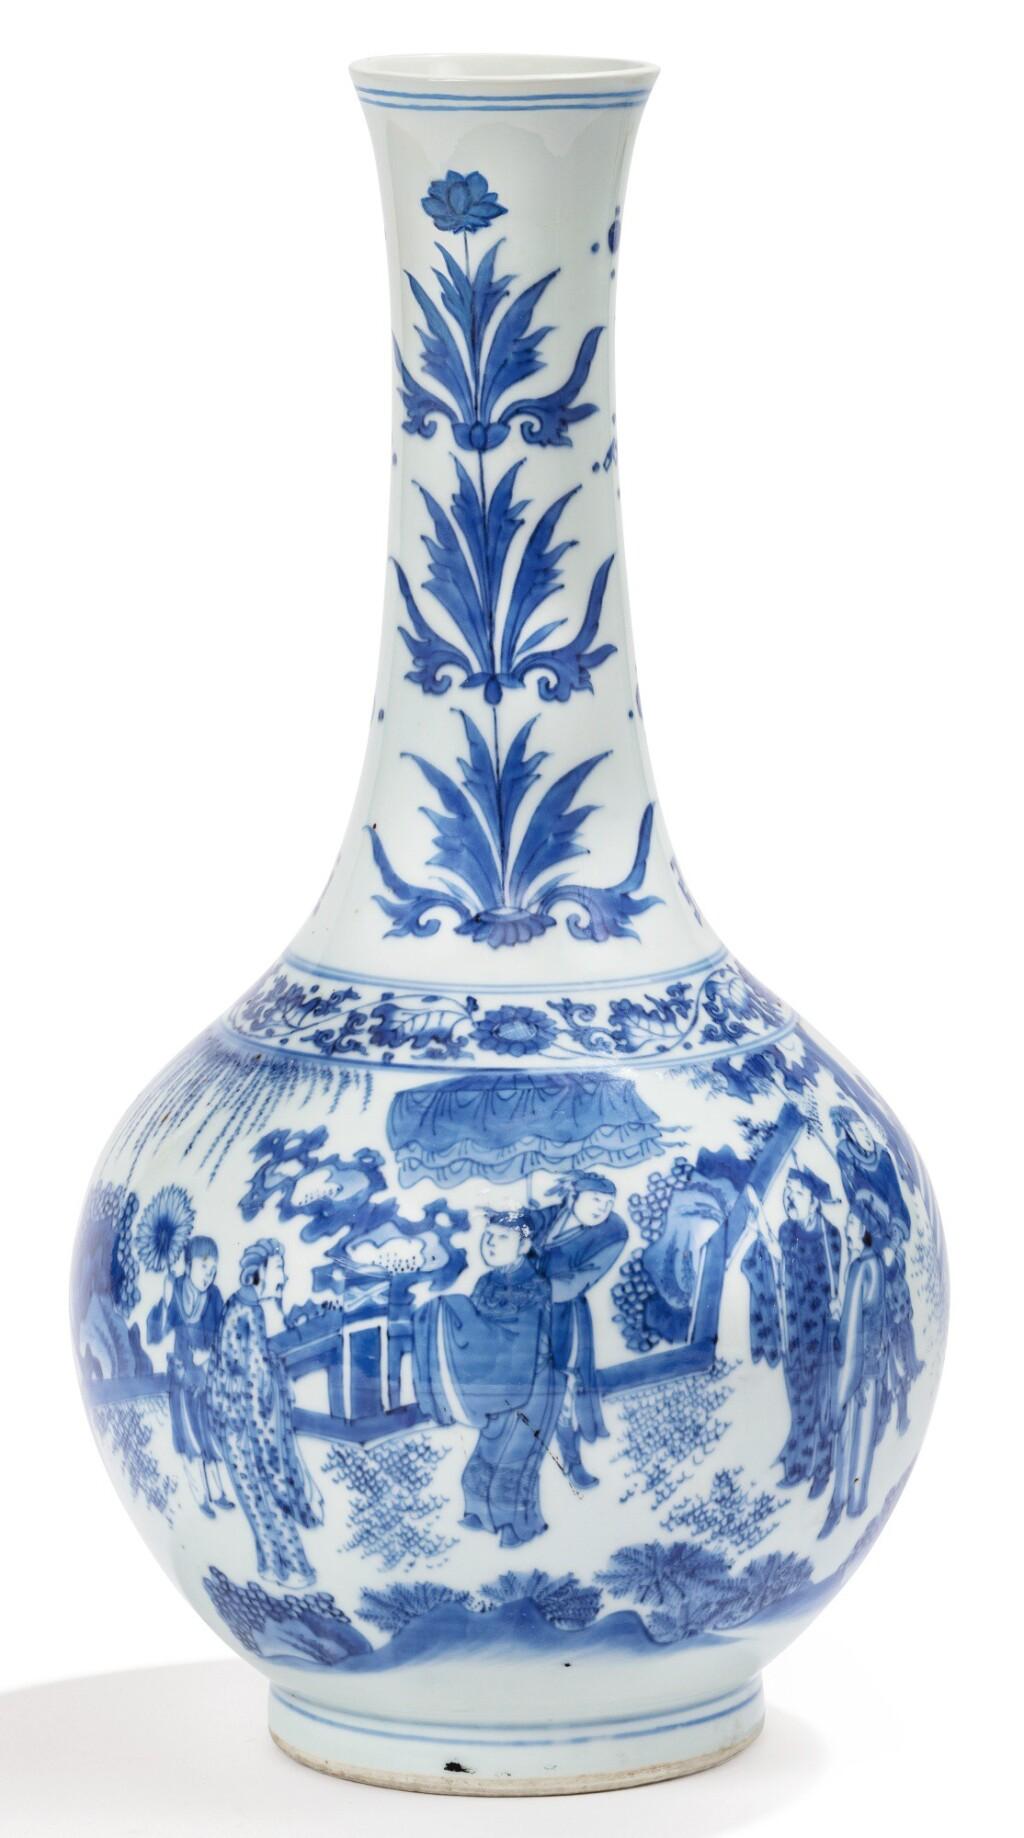 VASE EN PORCELAINE BLEU BLANC EPOQUE TRANSITION, XVIIE SIÈCLE | 十七世紀 青花人物故事紋長頸瓶 | A blue and white bottle vase, Transitional period, 17th century